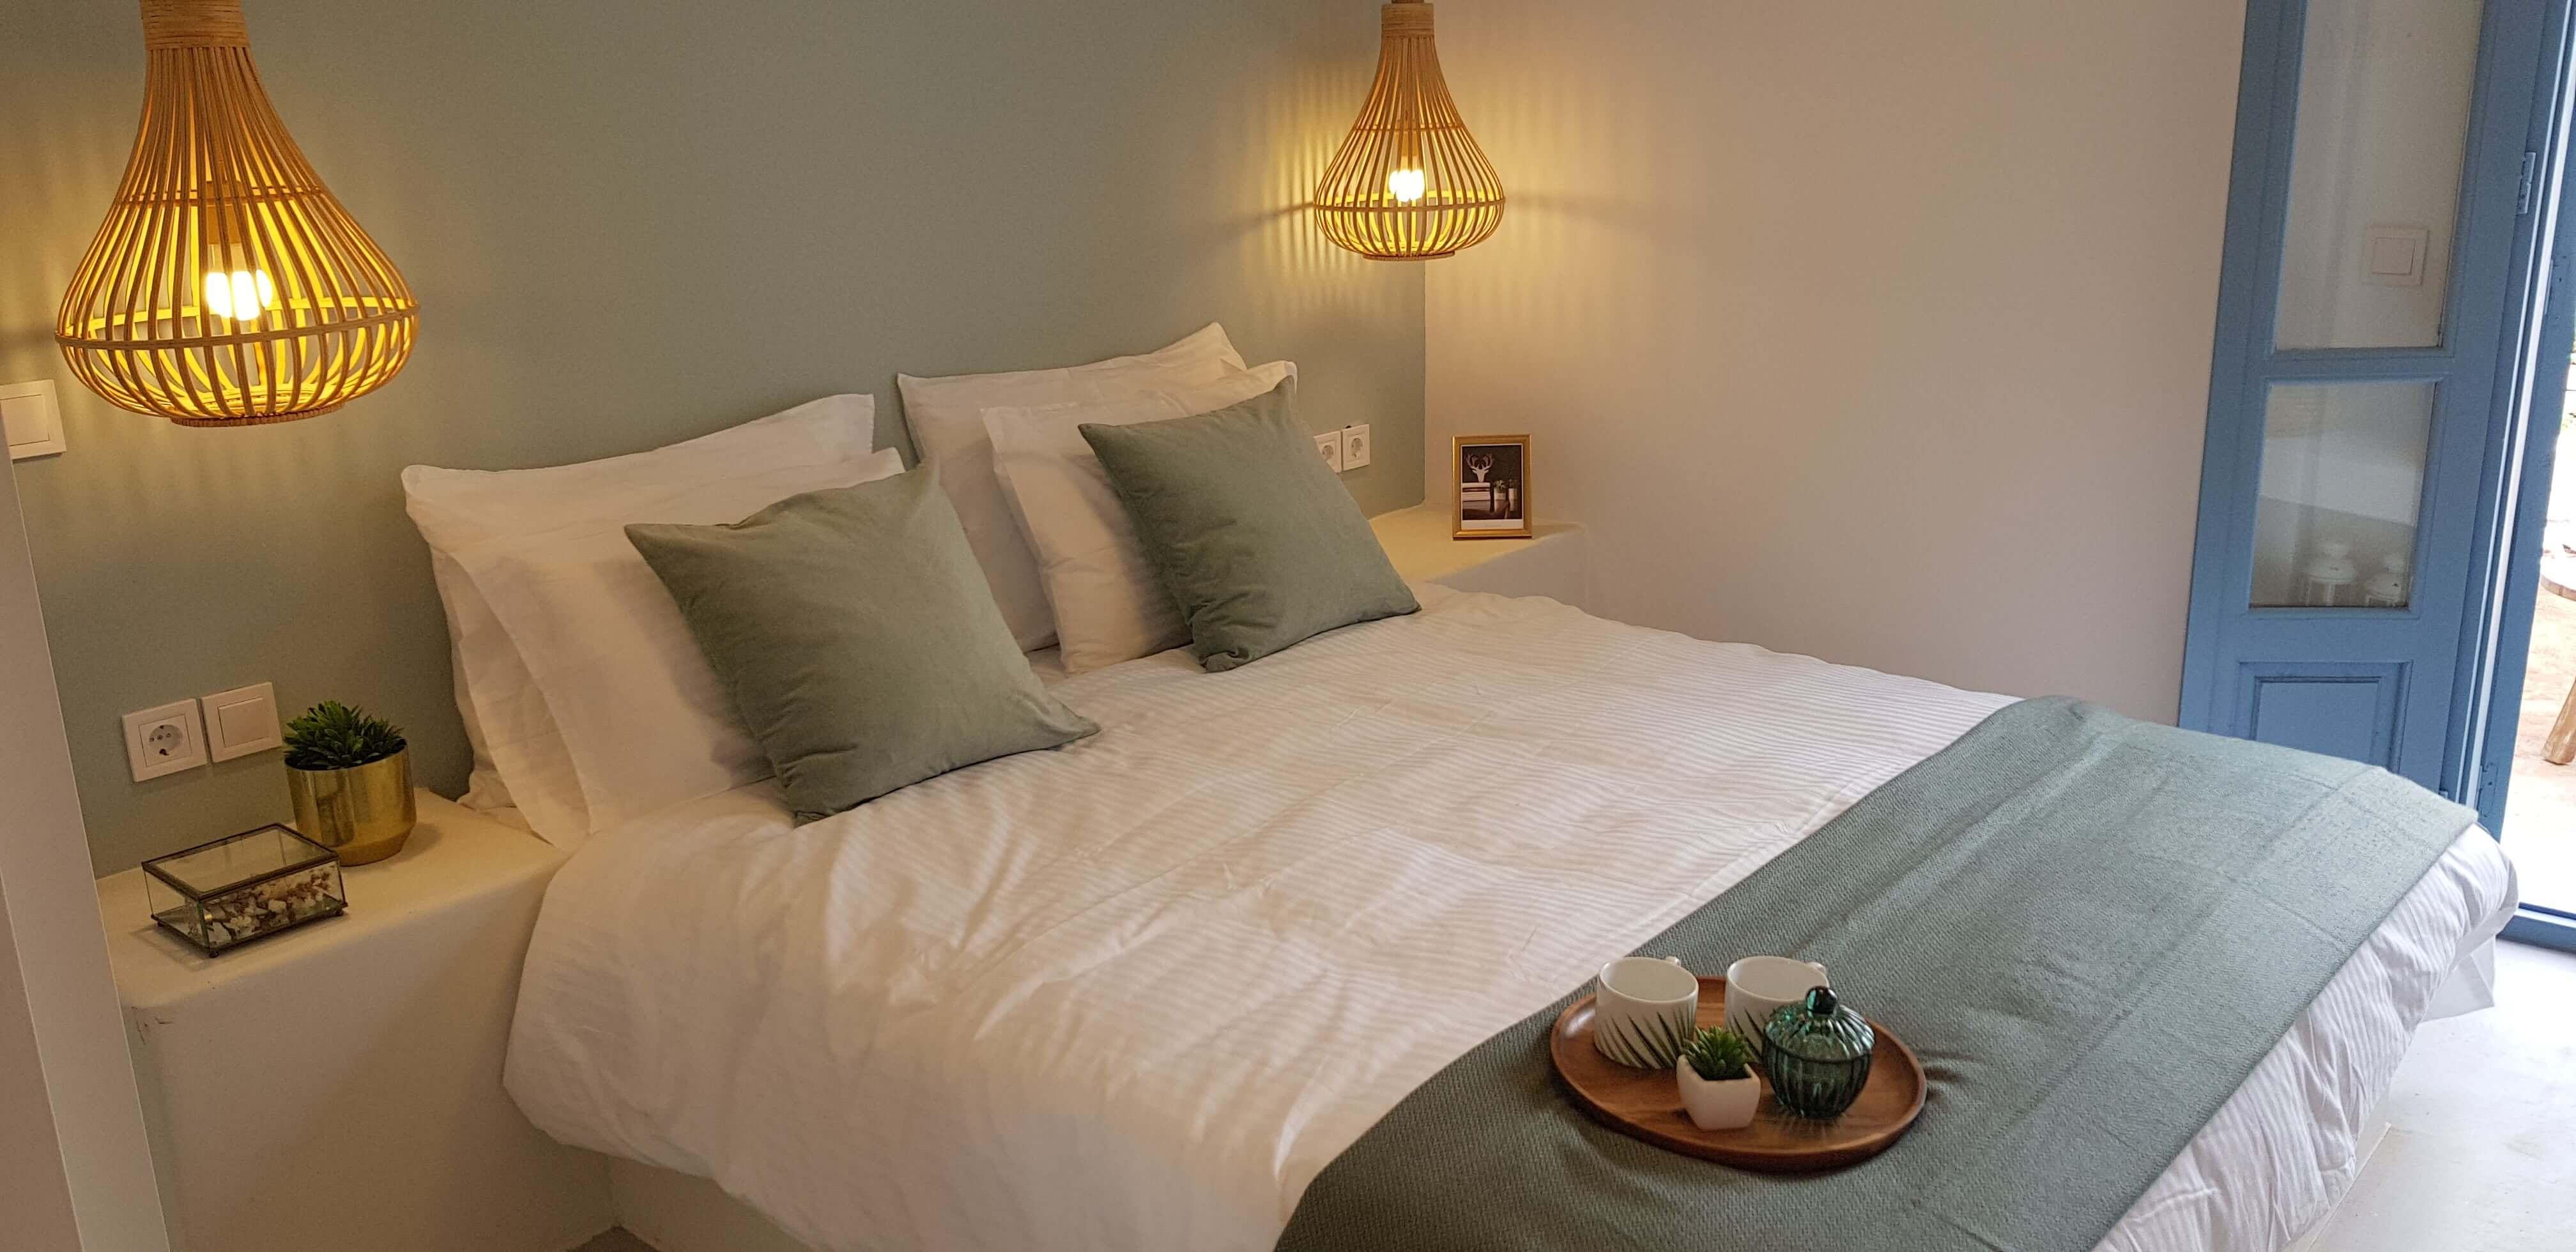 עיצוב חדר שינה צבע מנטה